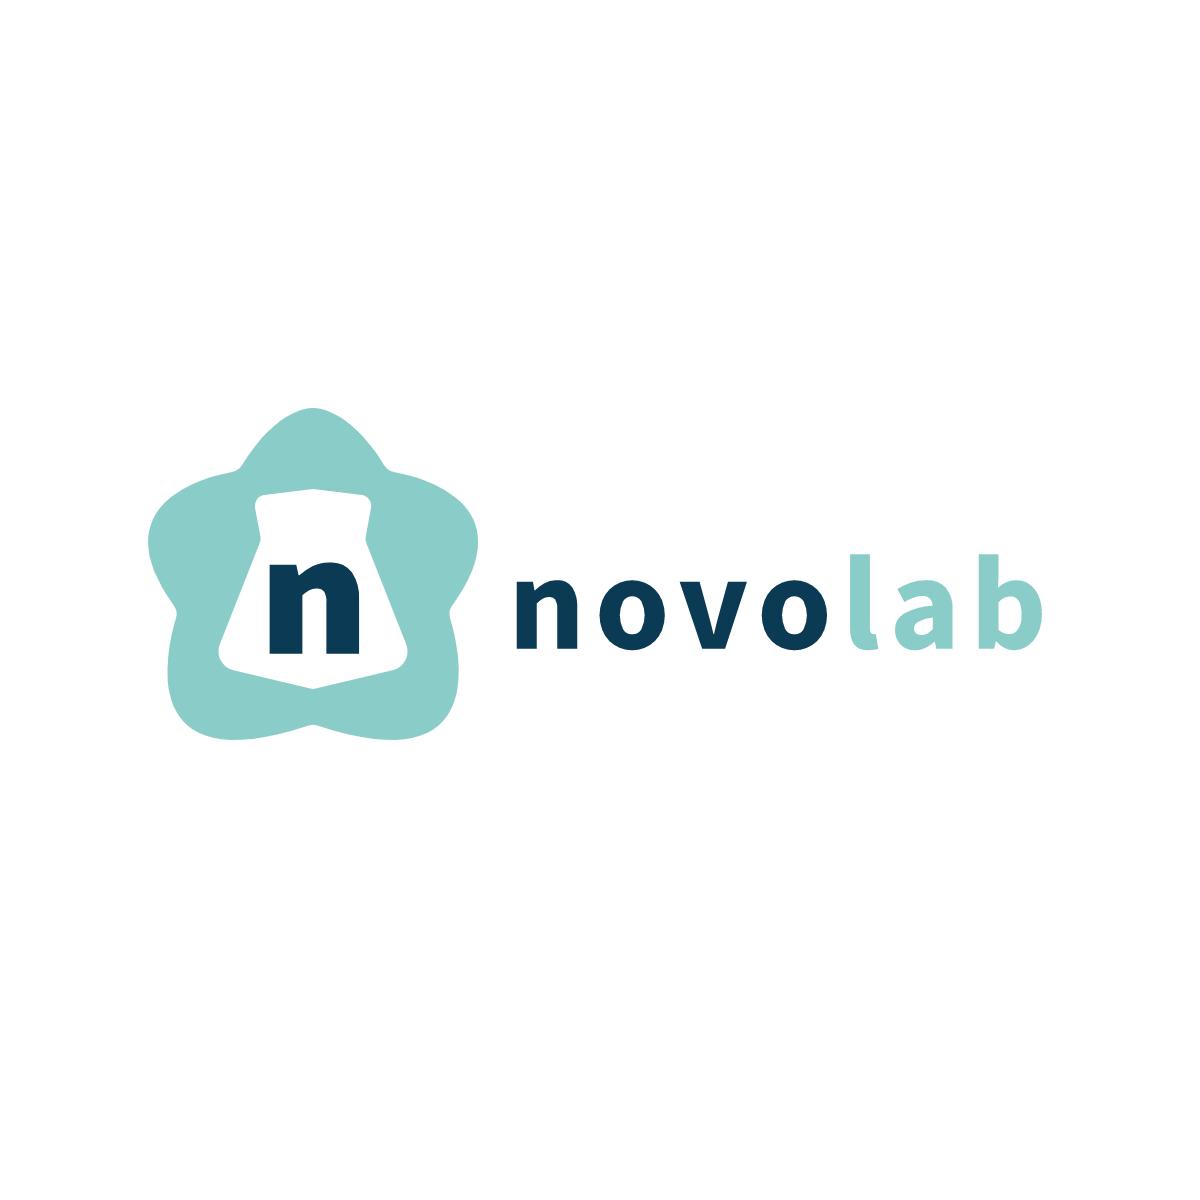 Novasina - LabMaster Neo Aw-mètre + awSens-ELS